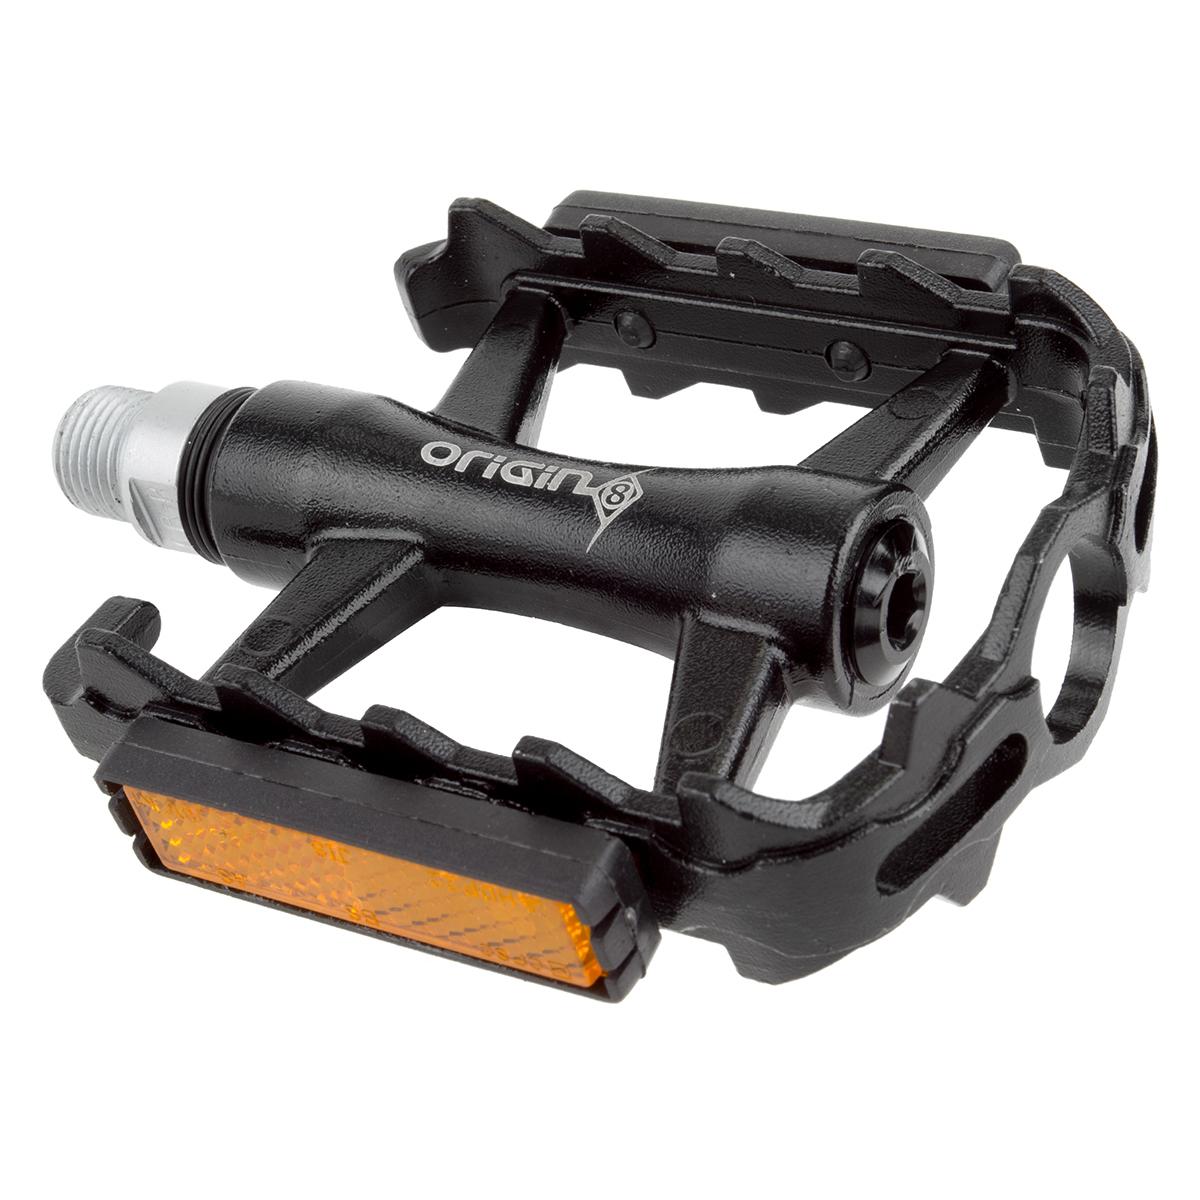 Origin8 Classique Pro Pedals Sealed 9/16 Black With Reflectors